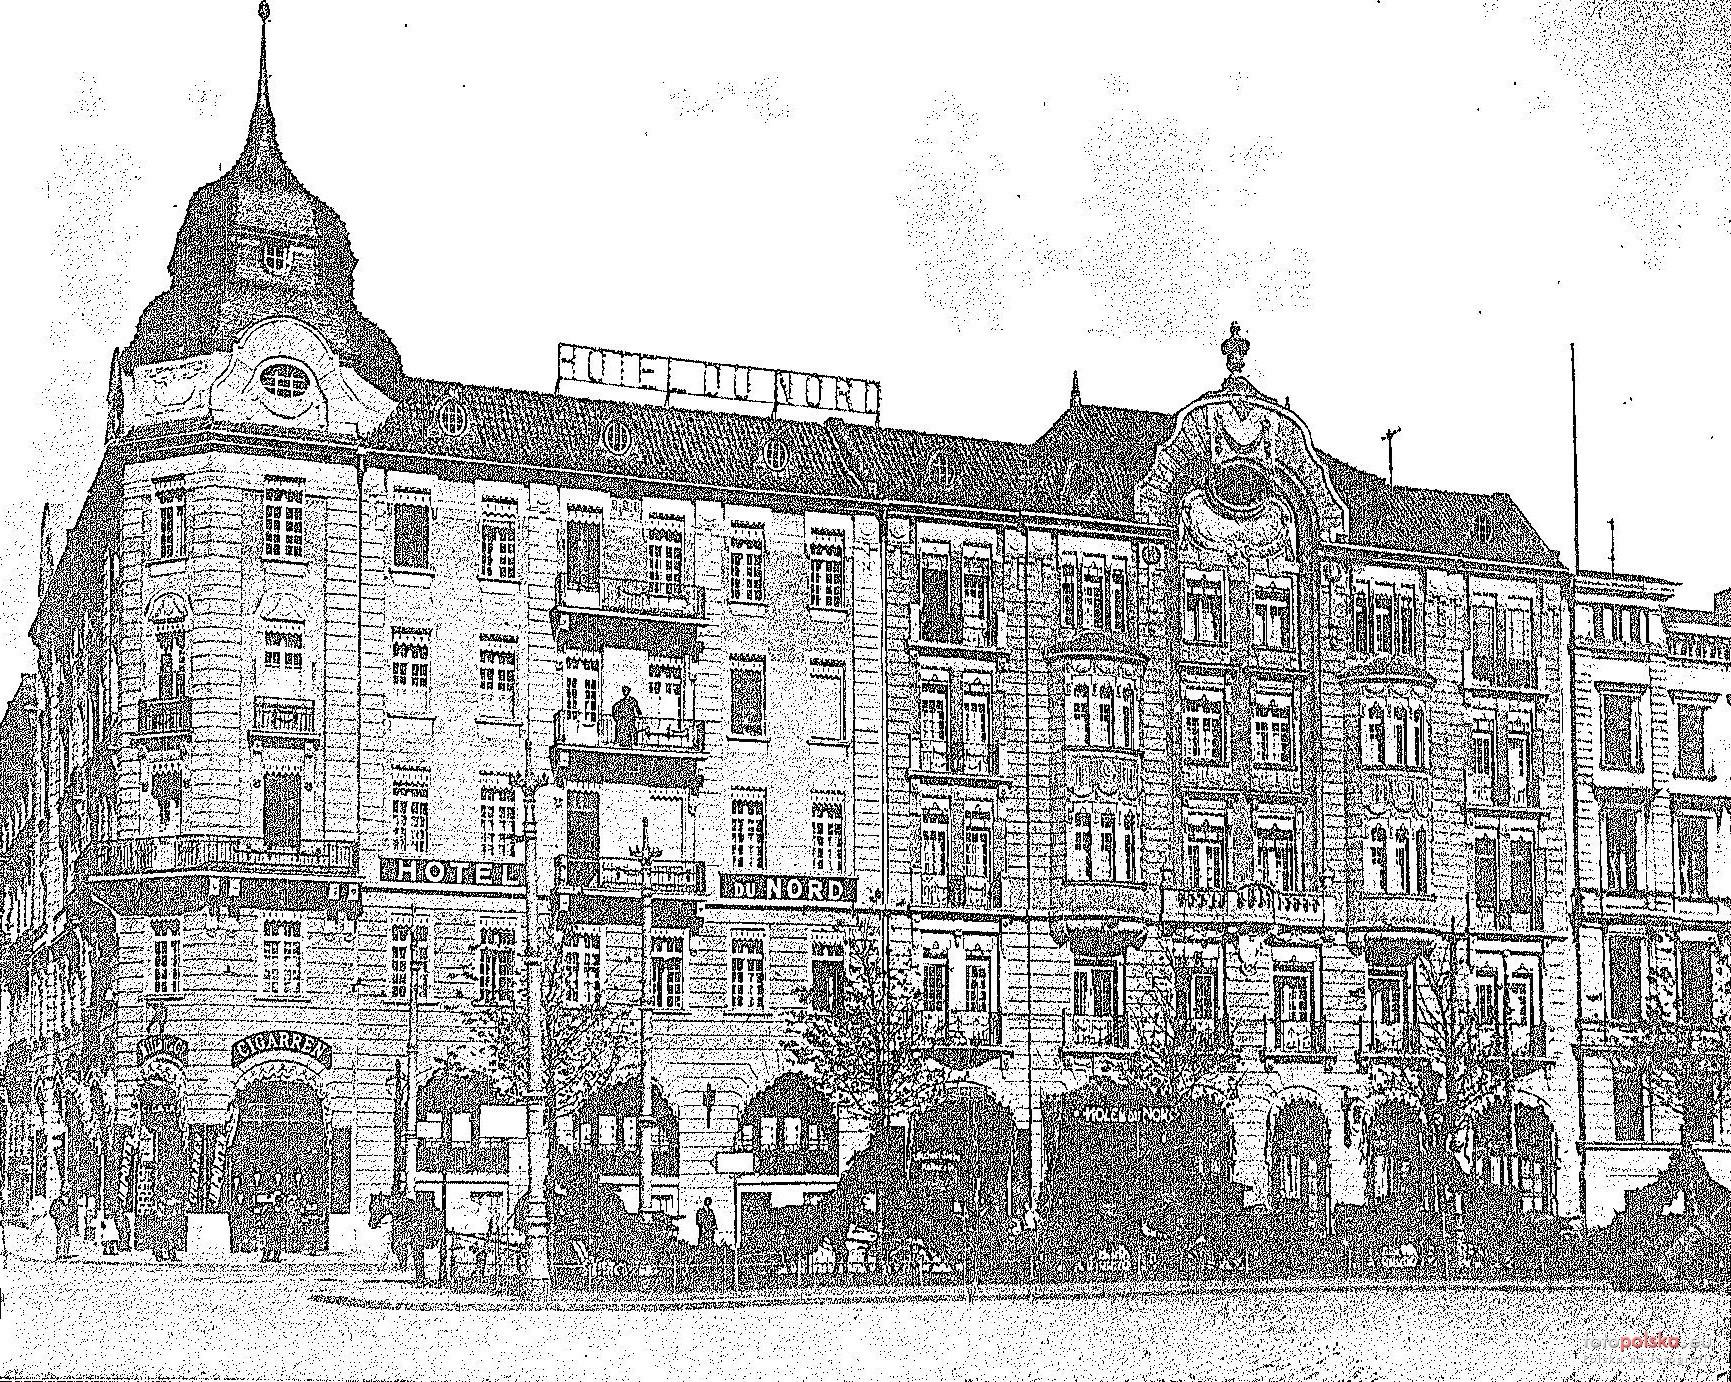 https://wroclaw.fotopolska.eu/826/826048/Wroclaw_Hotel_Grand.jpg?m=1454023604